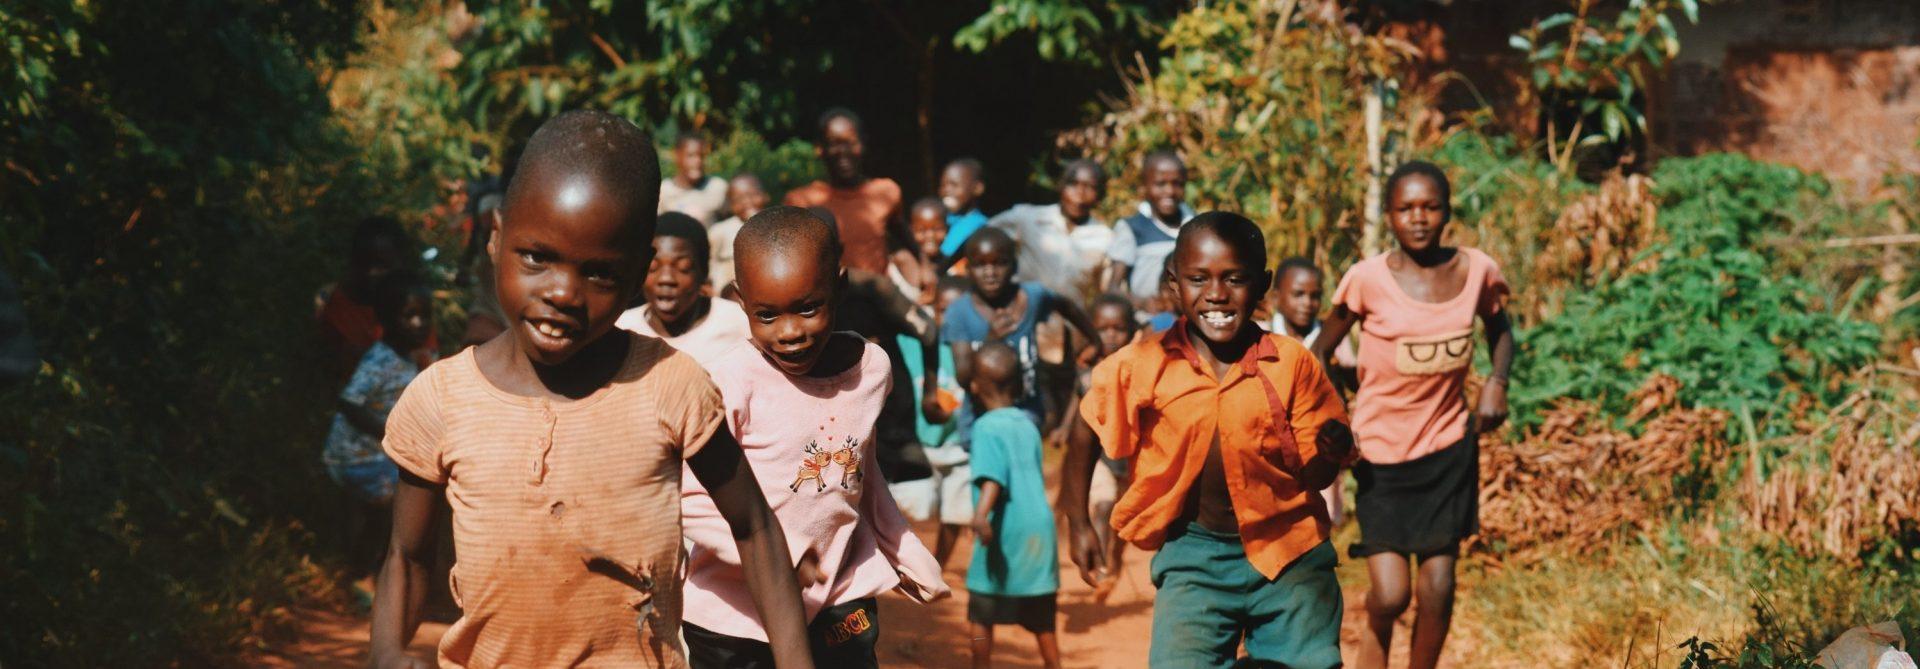 Rennende kinderen in Afrika.